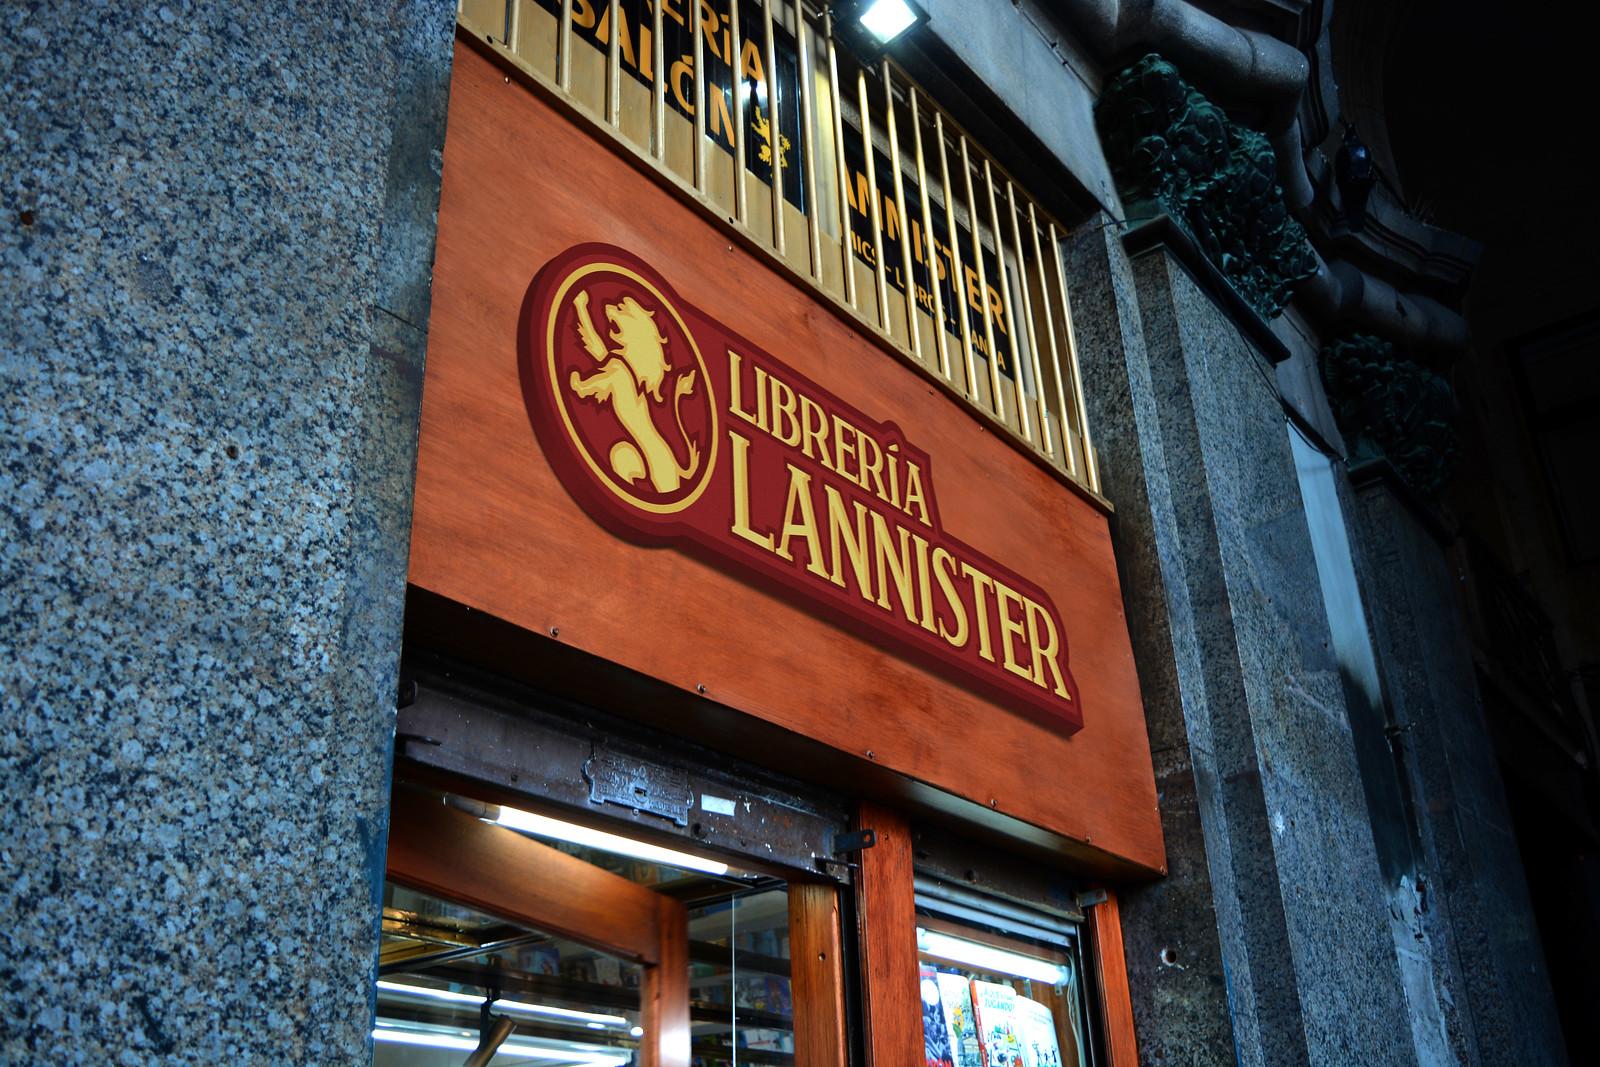 Recreación 19 - Librería Lannister, proyecto de Ignacio Pérez, de la Licenciatura en Diseño Gráfico.